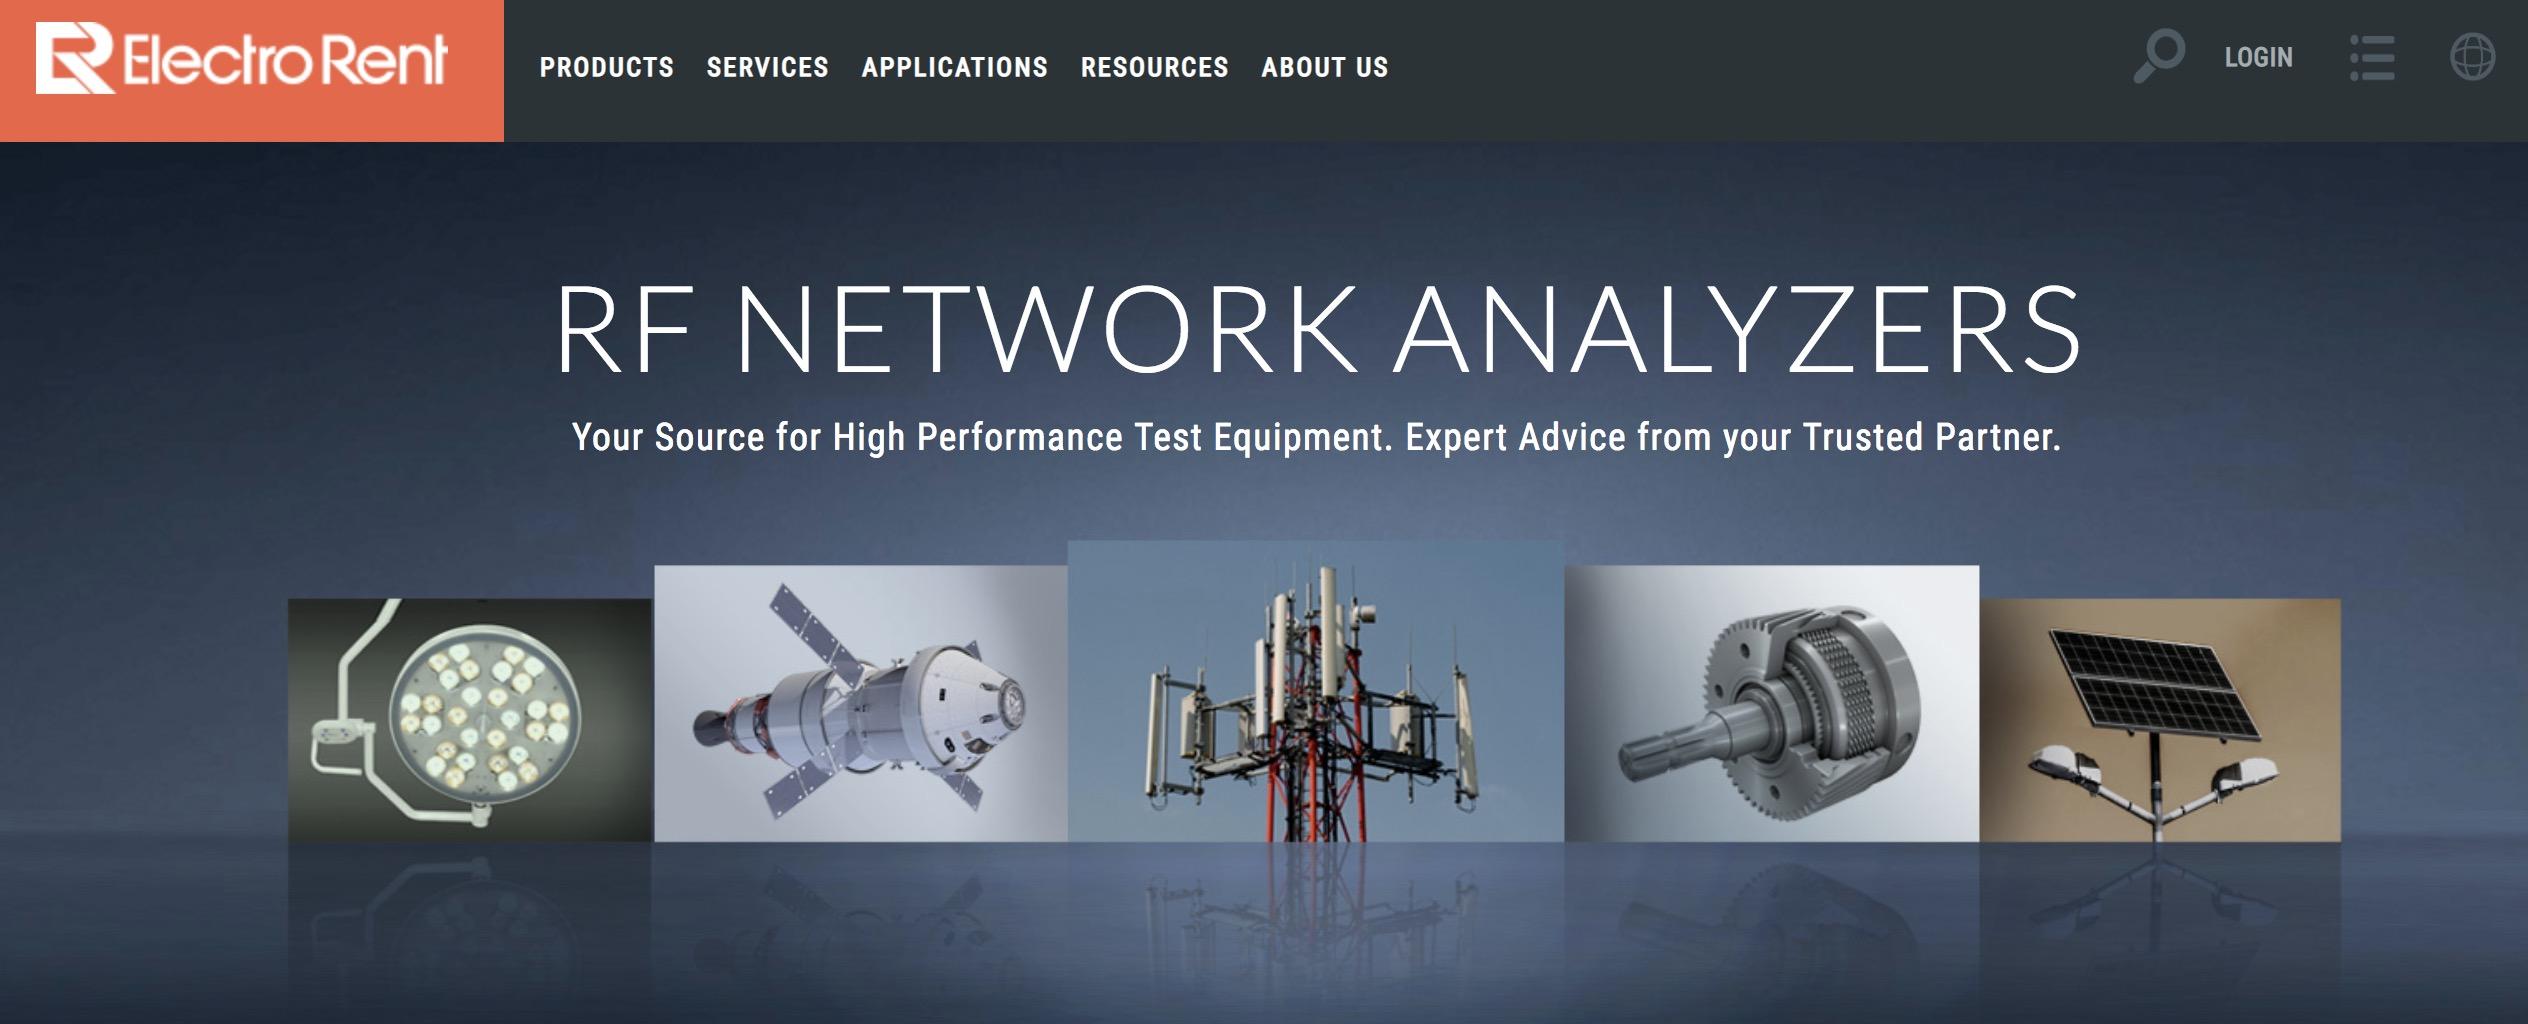 益莱储产品盘点(一) | 网络分析仪